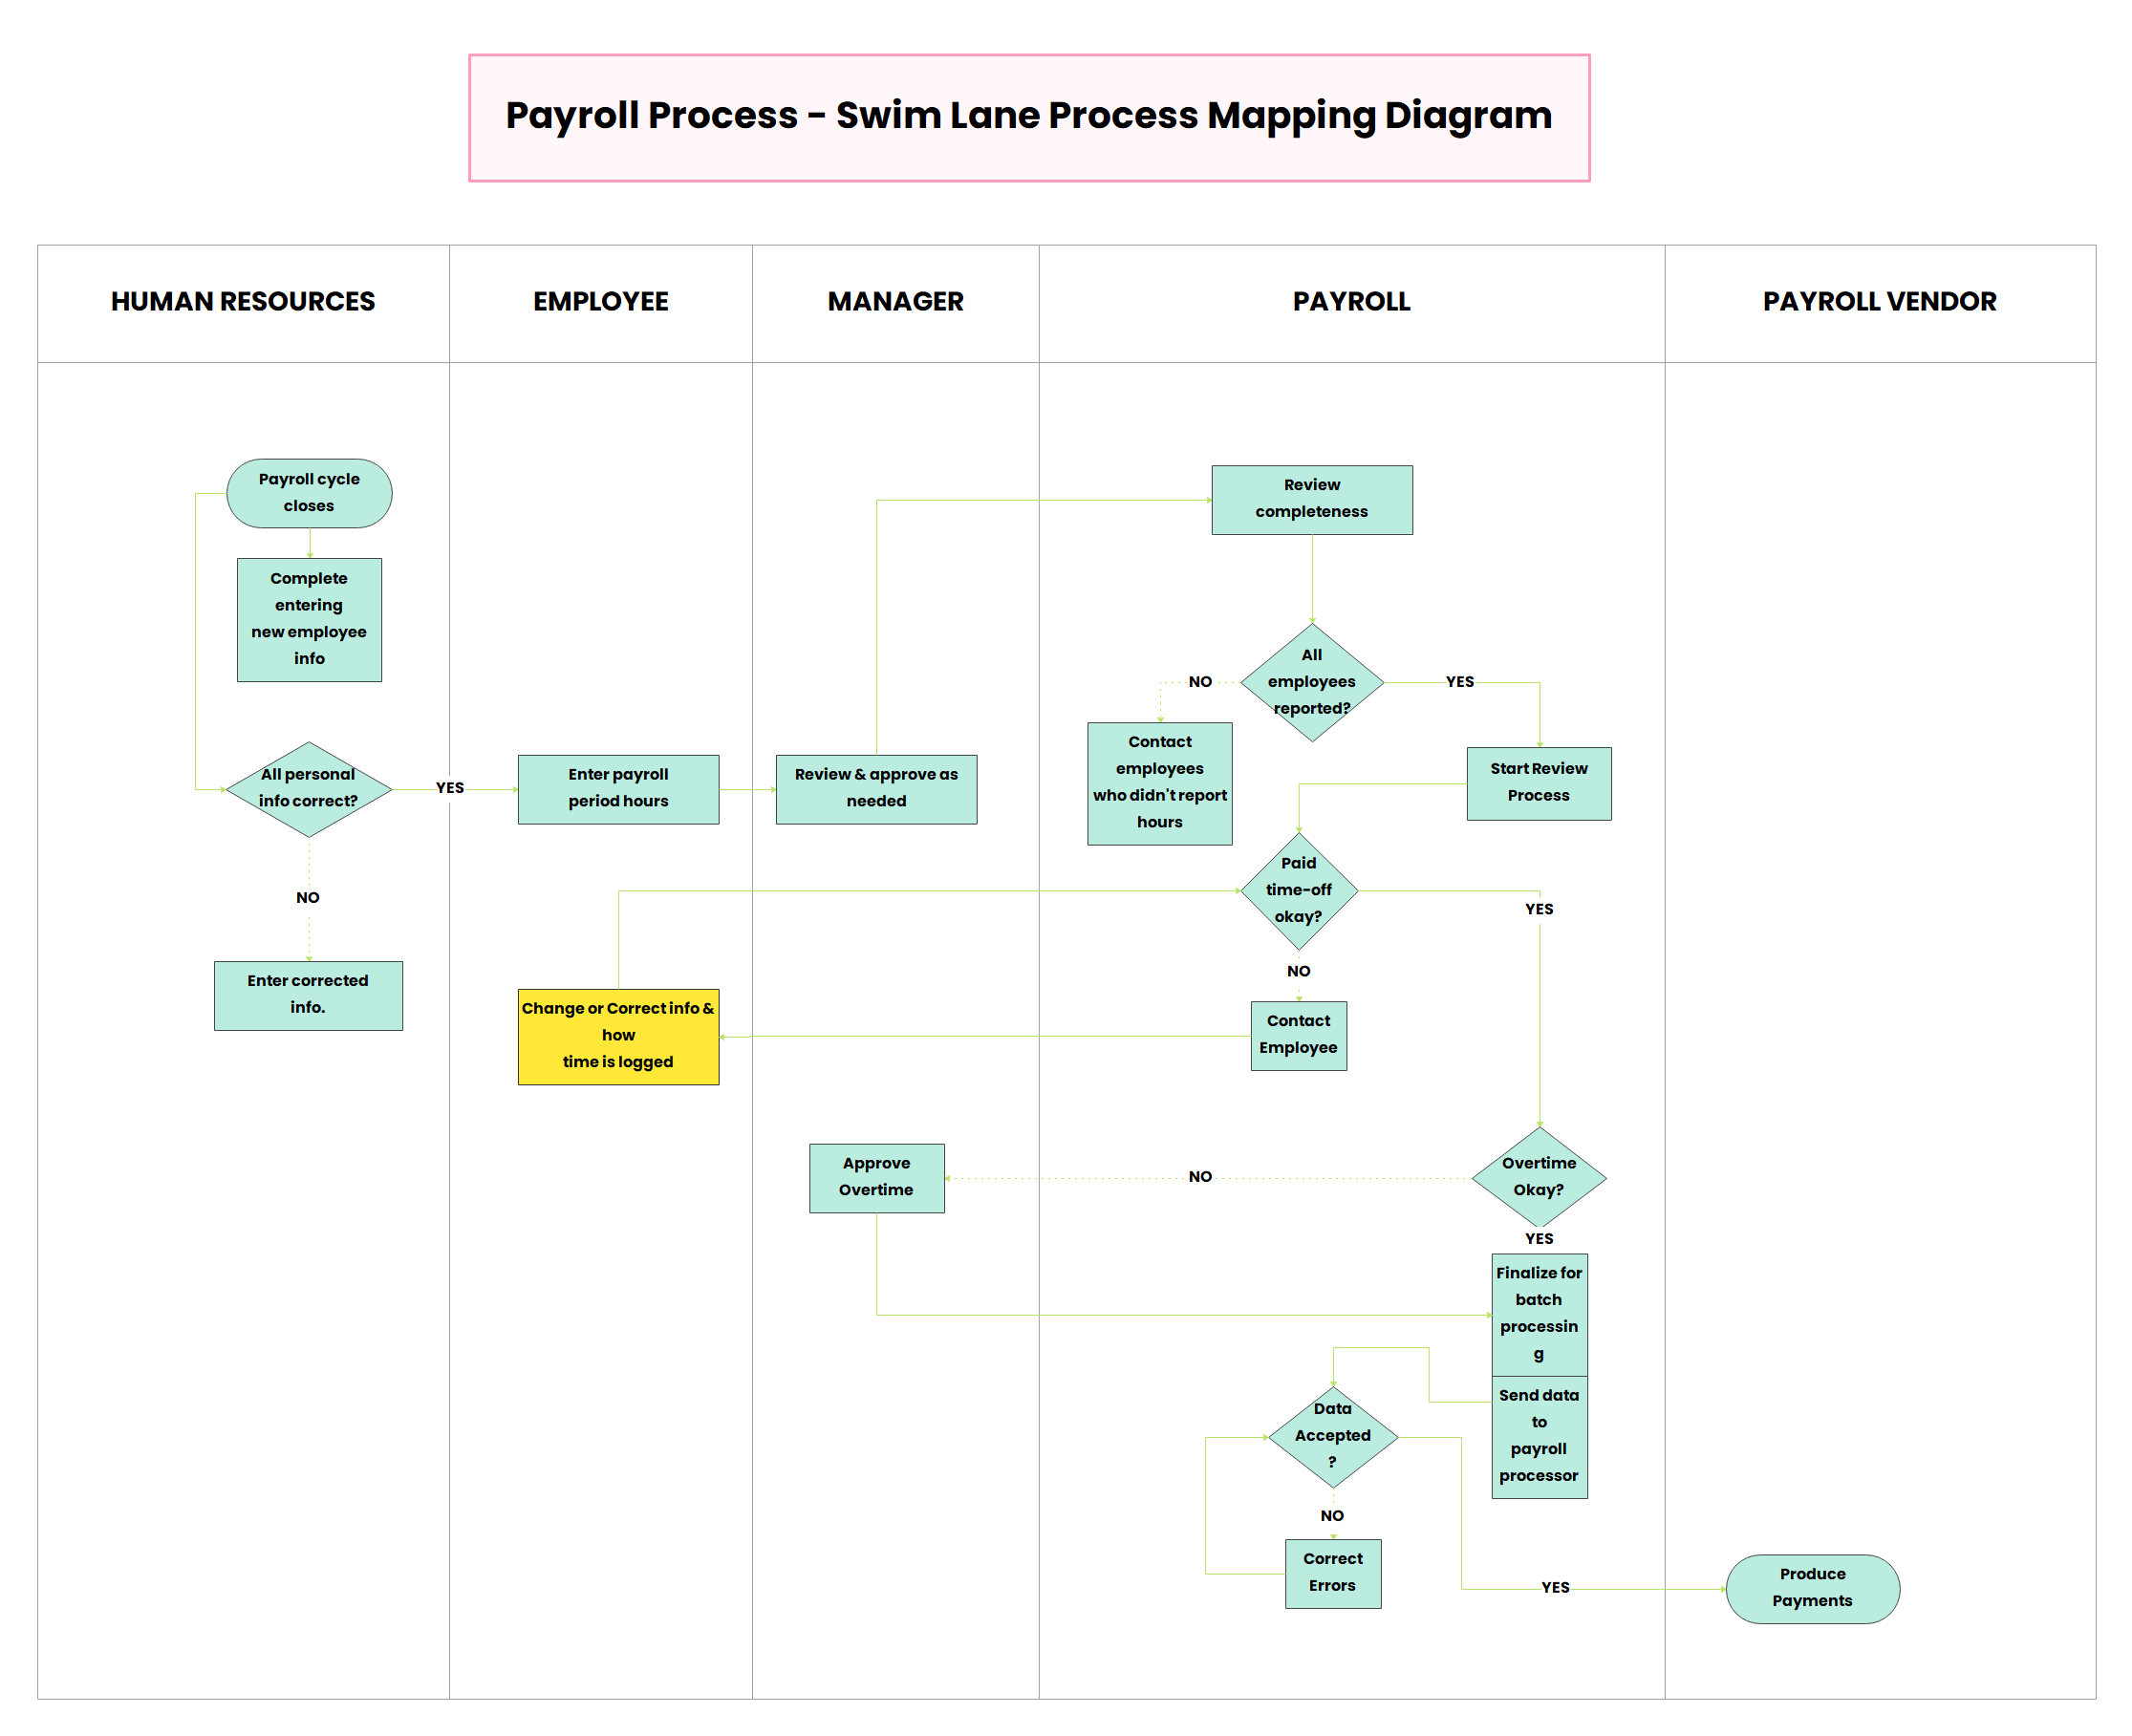 Payroll Process - Swimlane Process Mapping Diagram